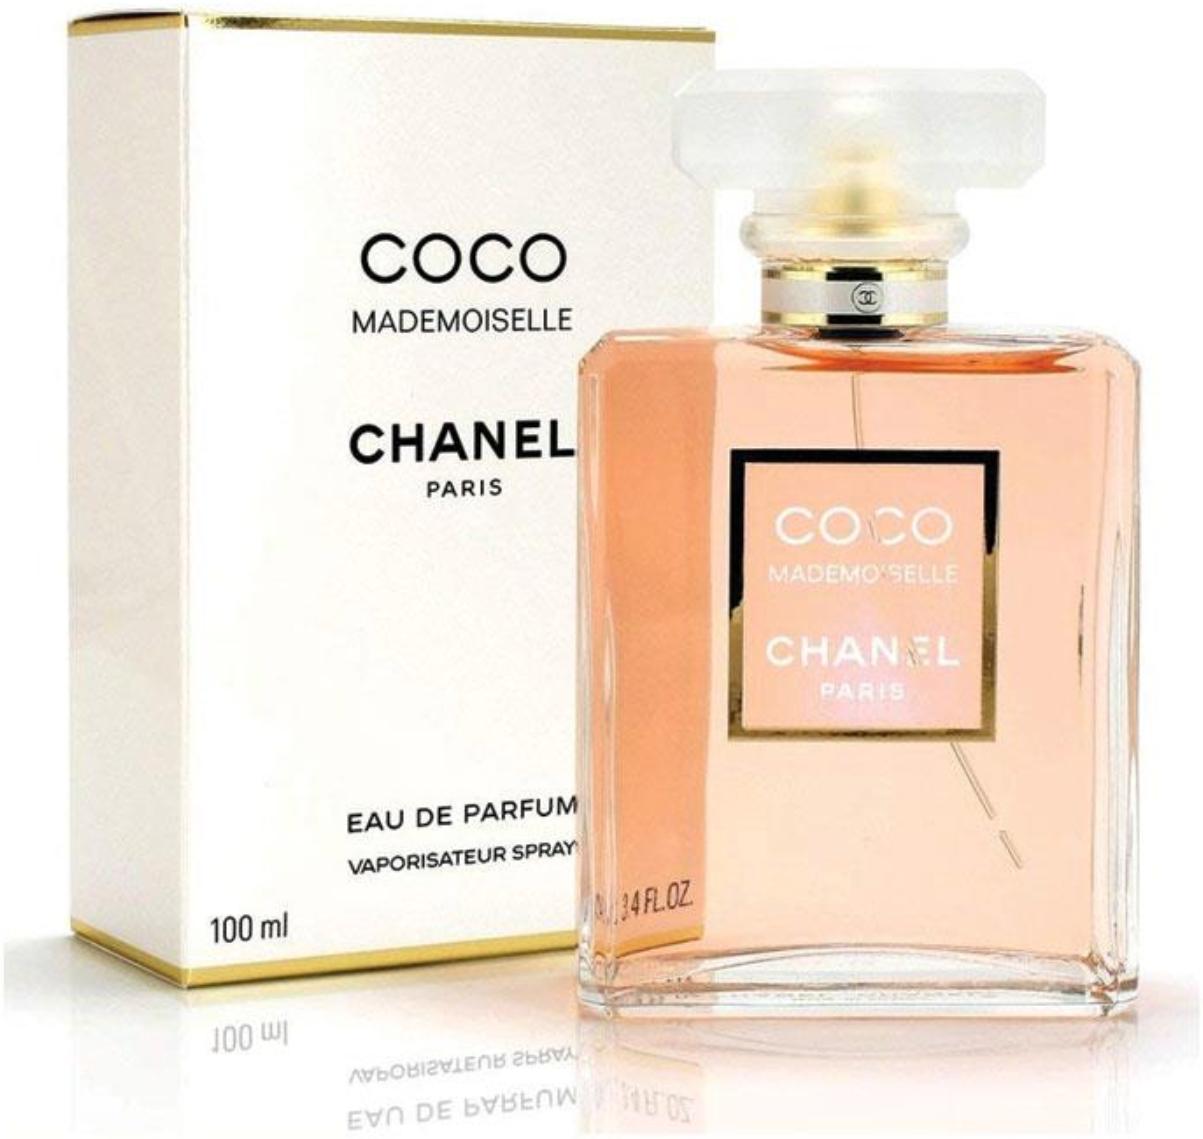 Nước hoa dành cho nữ - Chanel Coco Mademoiselle Eau De Parfum loại 100ml